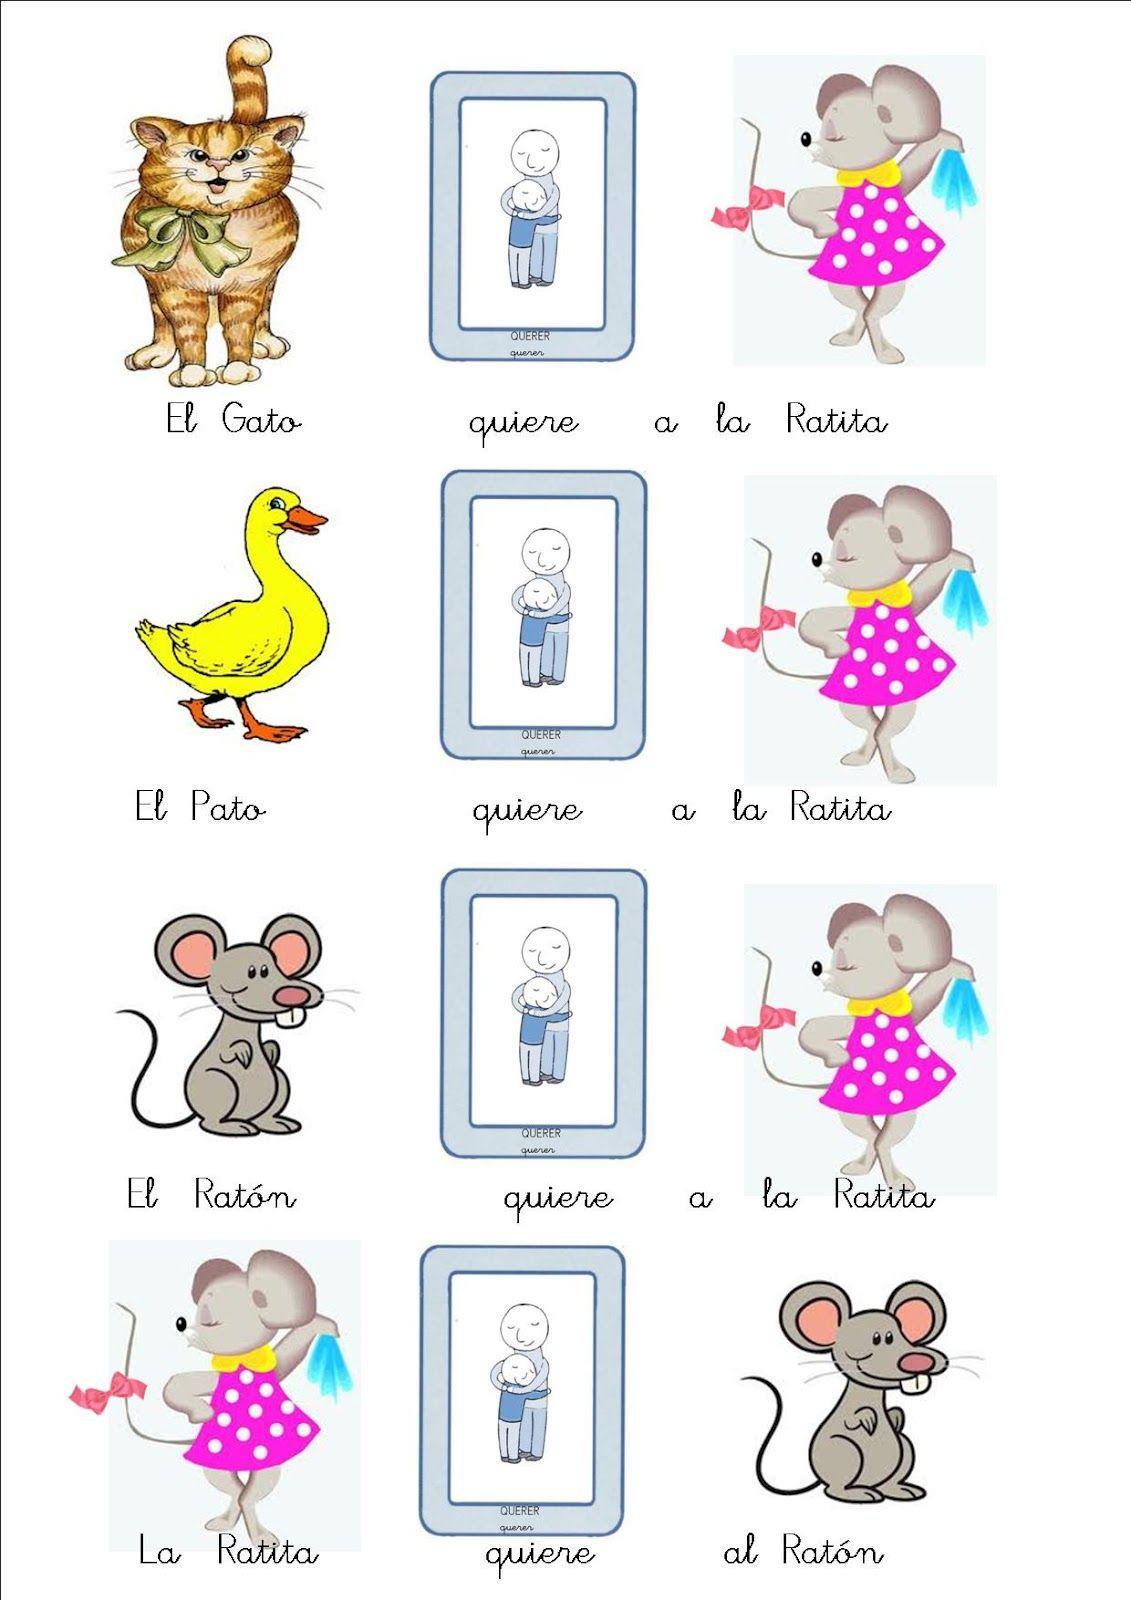 Cuento La Ratita Presumida 2 Jpg 1 131 1 600 Pixeles Cuentos Cuentos Pictogramas Cuentos Educativos